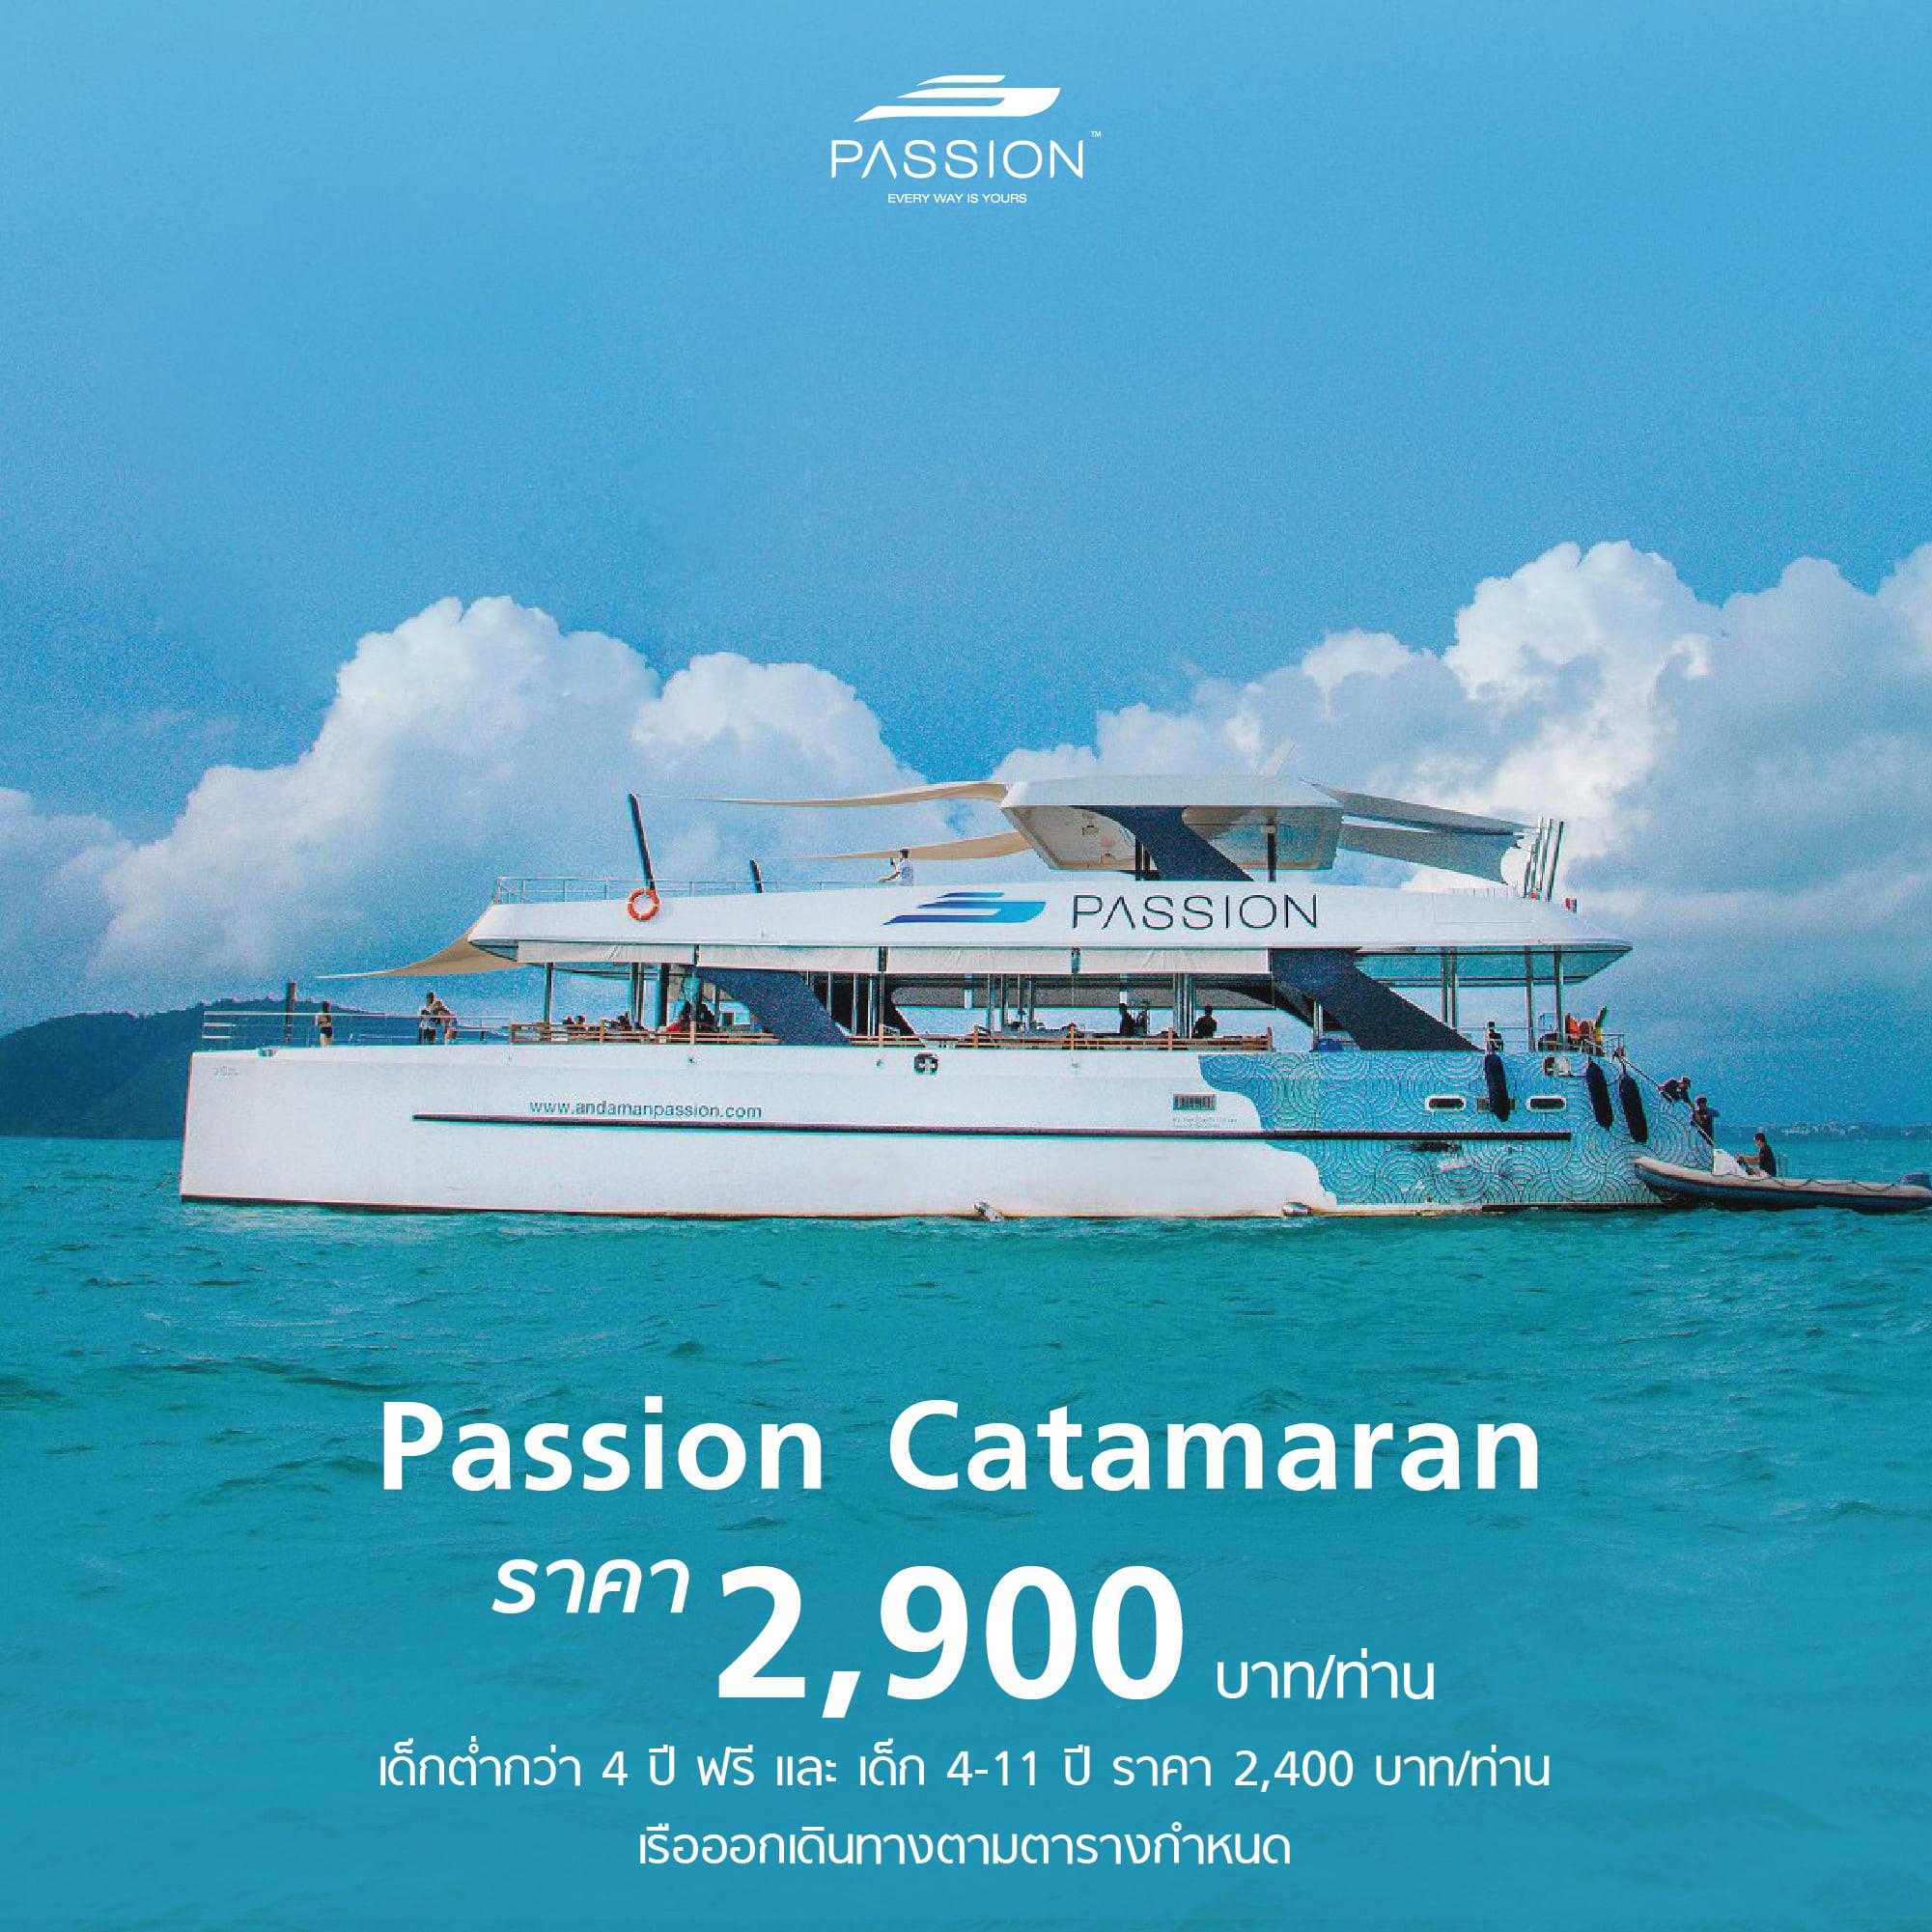 Passion Catamaran